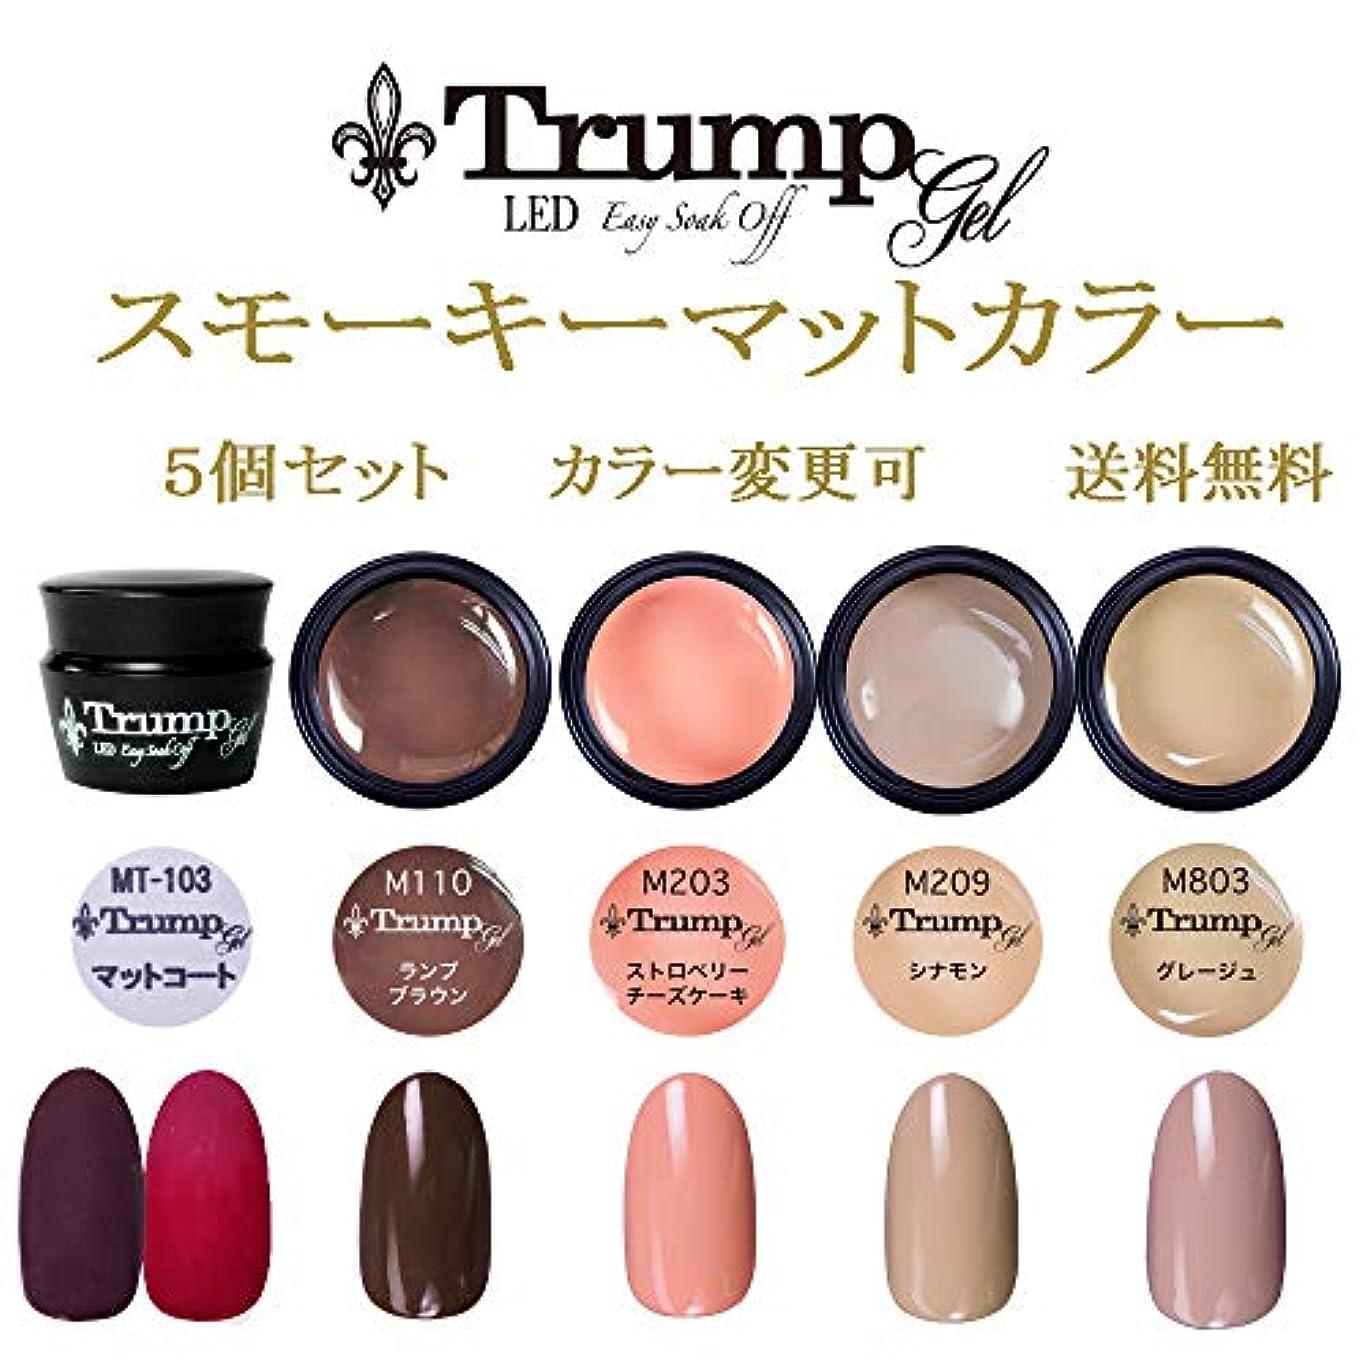 あまりにもポゴスティックジャンプ快適【送料無料】日本製 Trump gel トランプジェル スモーキーマット カラージェル 5個セット 魅惑のフロストマットトップとマットに合う人気カラーをチョイス